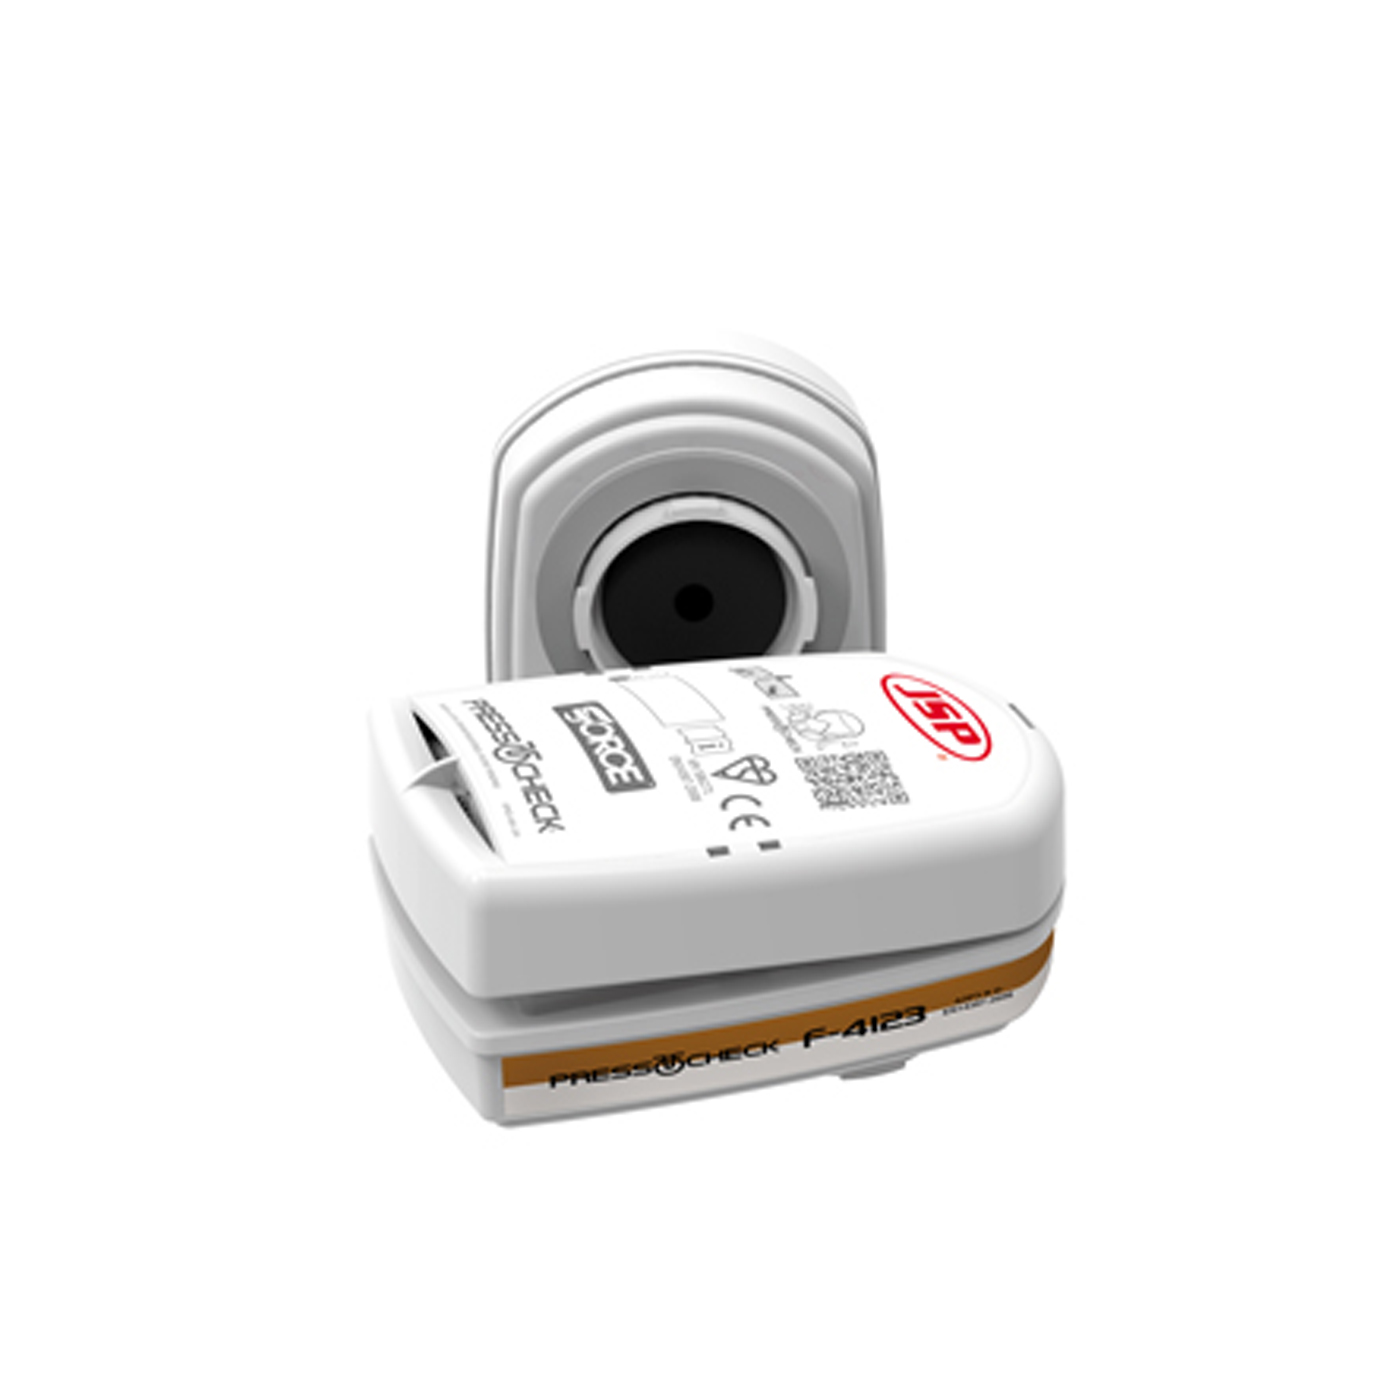 Filtropochłaniacz JSP PressToCheck Filtr – A2P3 BMN740-000-600